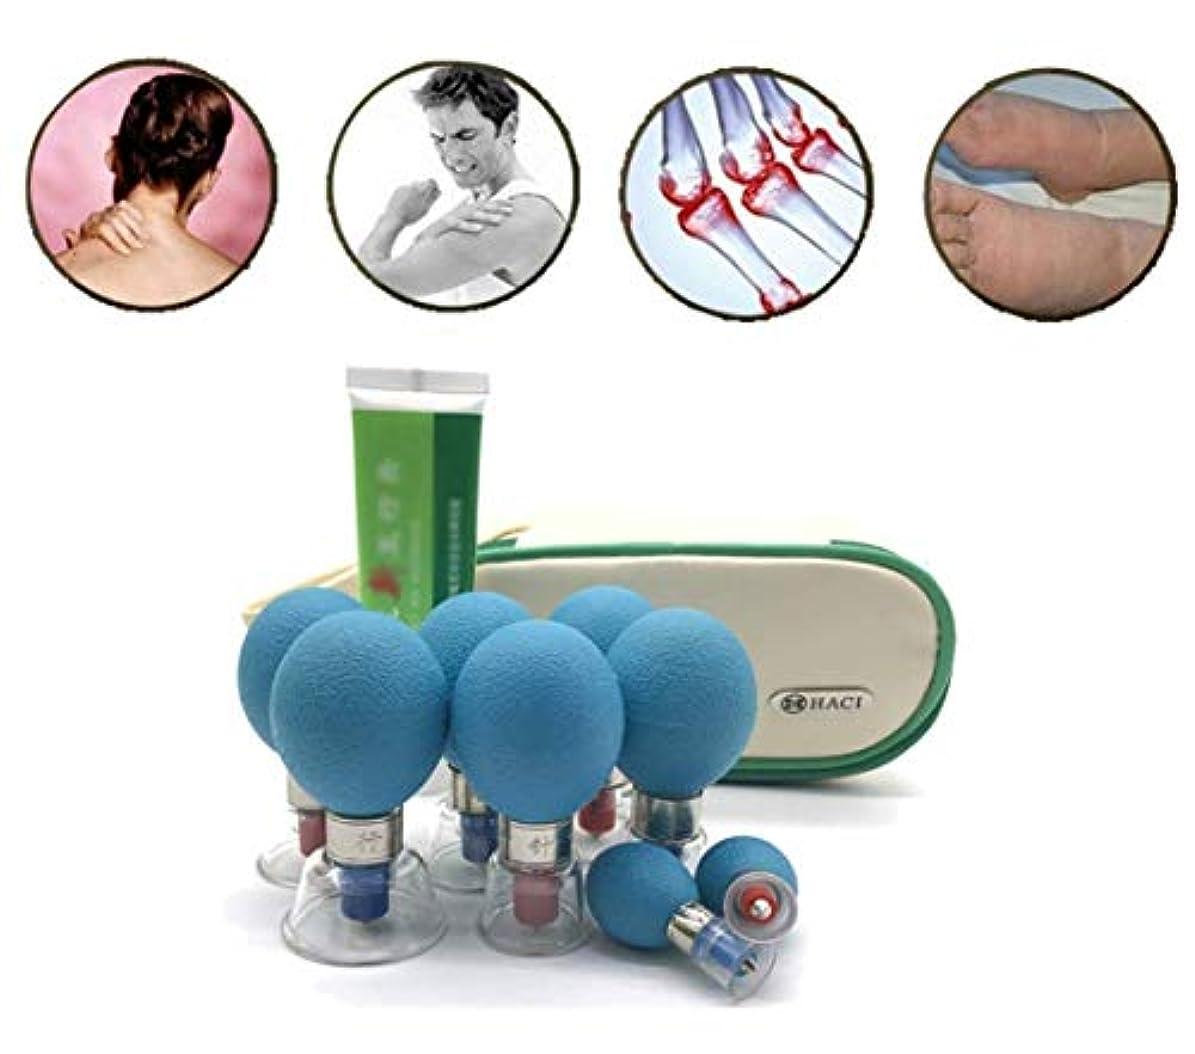 撤退人工気取らない真空磁気療法サクションカップ、鍼灸マッサージジャー、マッサージ筋肉関節の痛みを軽減するTCM磁気療法指圧サクションカップ,8pieces